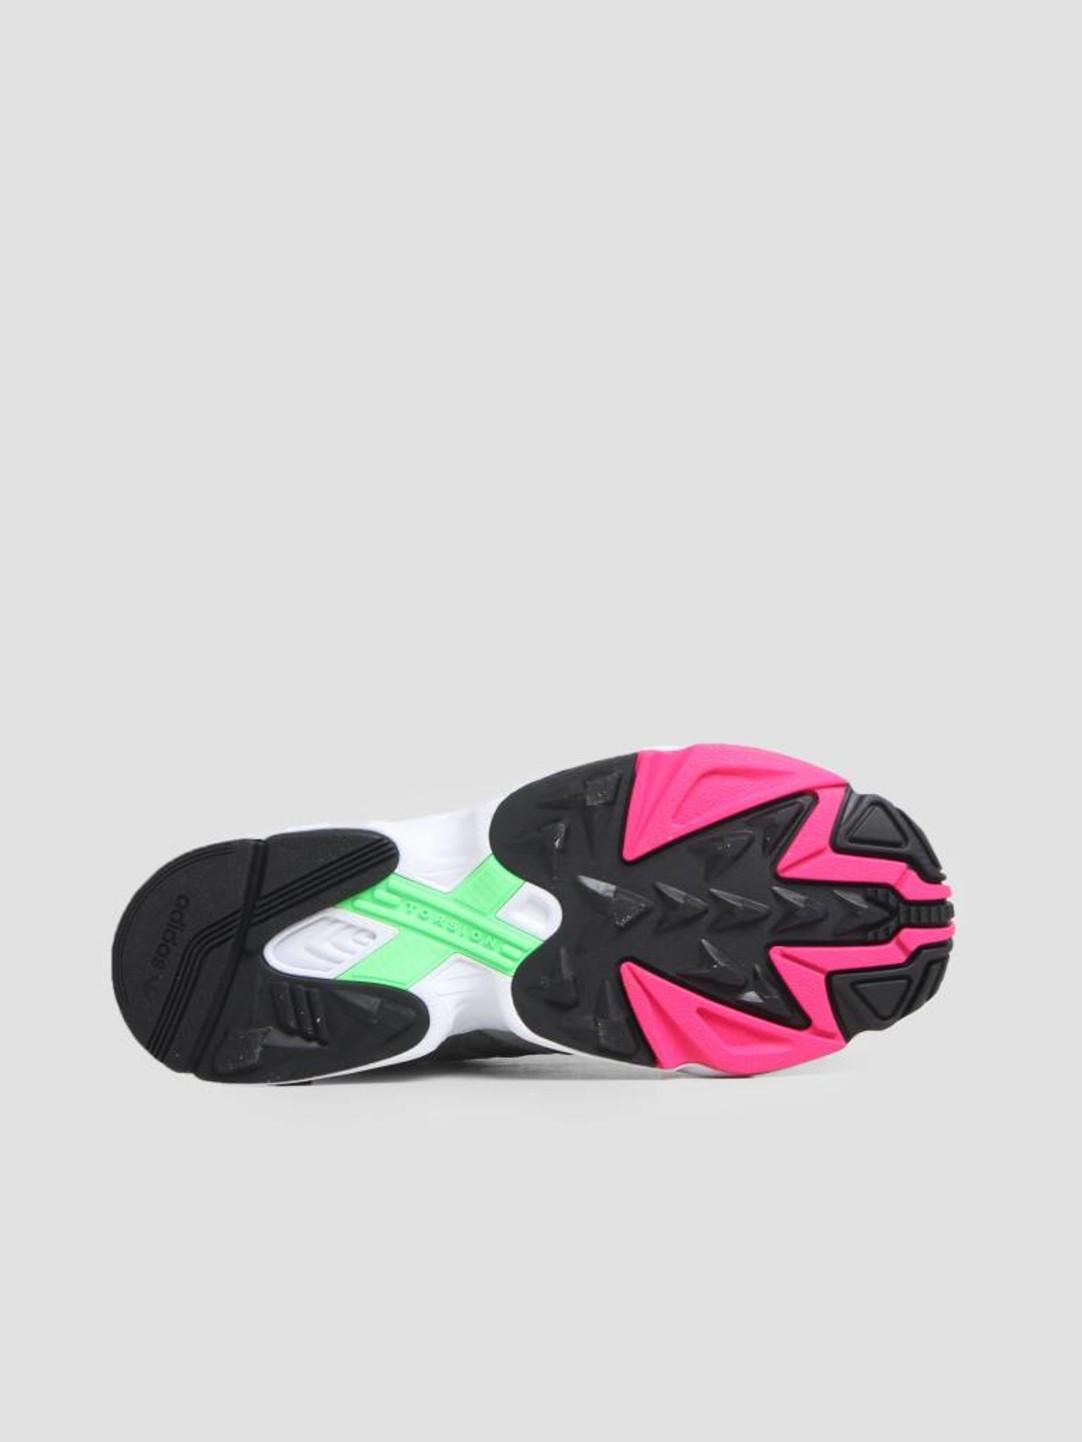 adidas adidas Yung-96 Gretwo Grethr Shopnk F35020